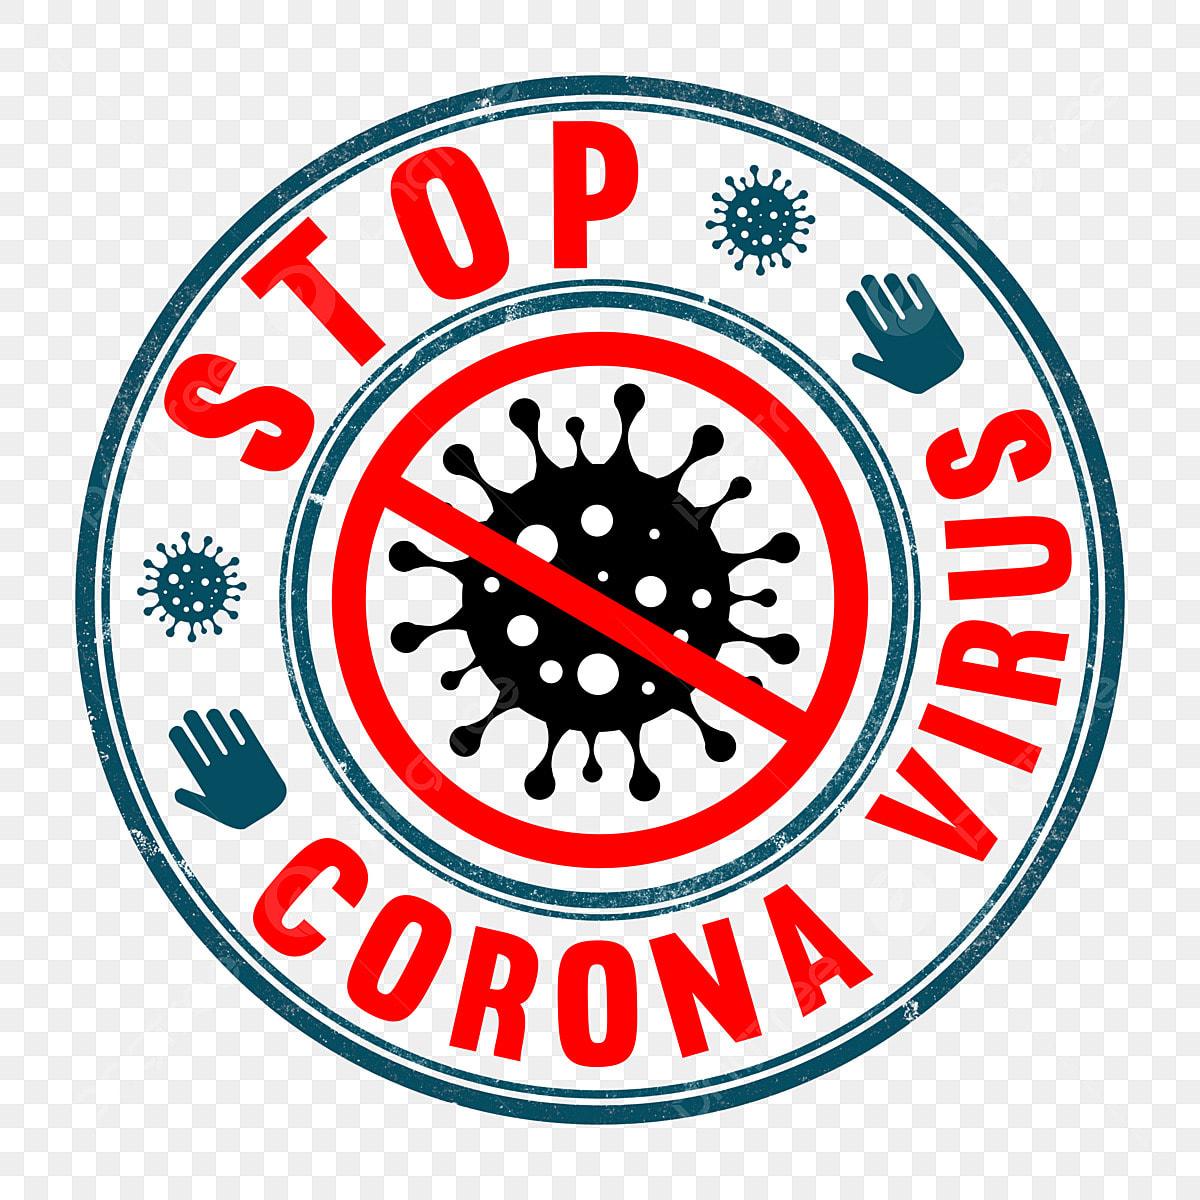 საქართველოში კორონავირუსის 11 ახალი შემთხვევიდან  8 აჭარაში გამოვლინდა